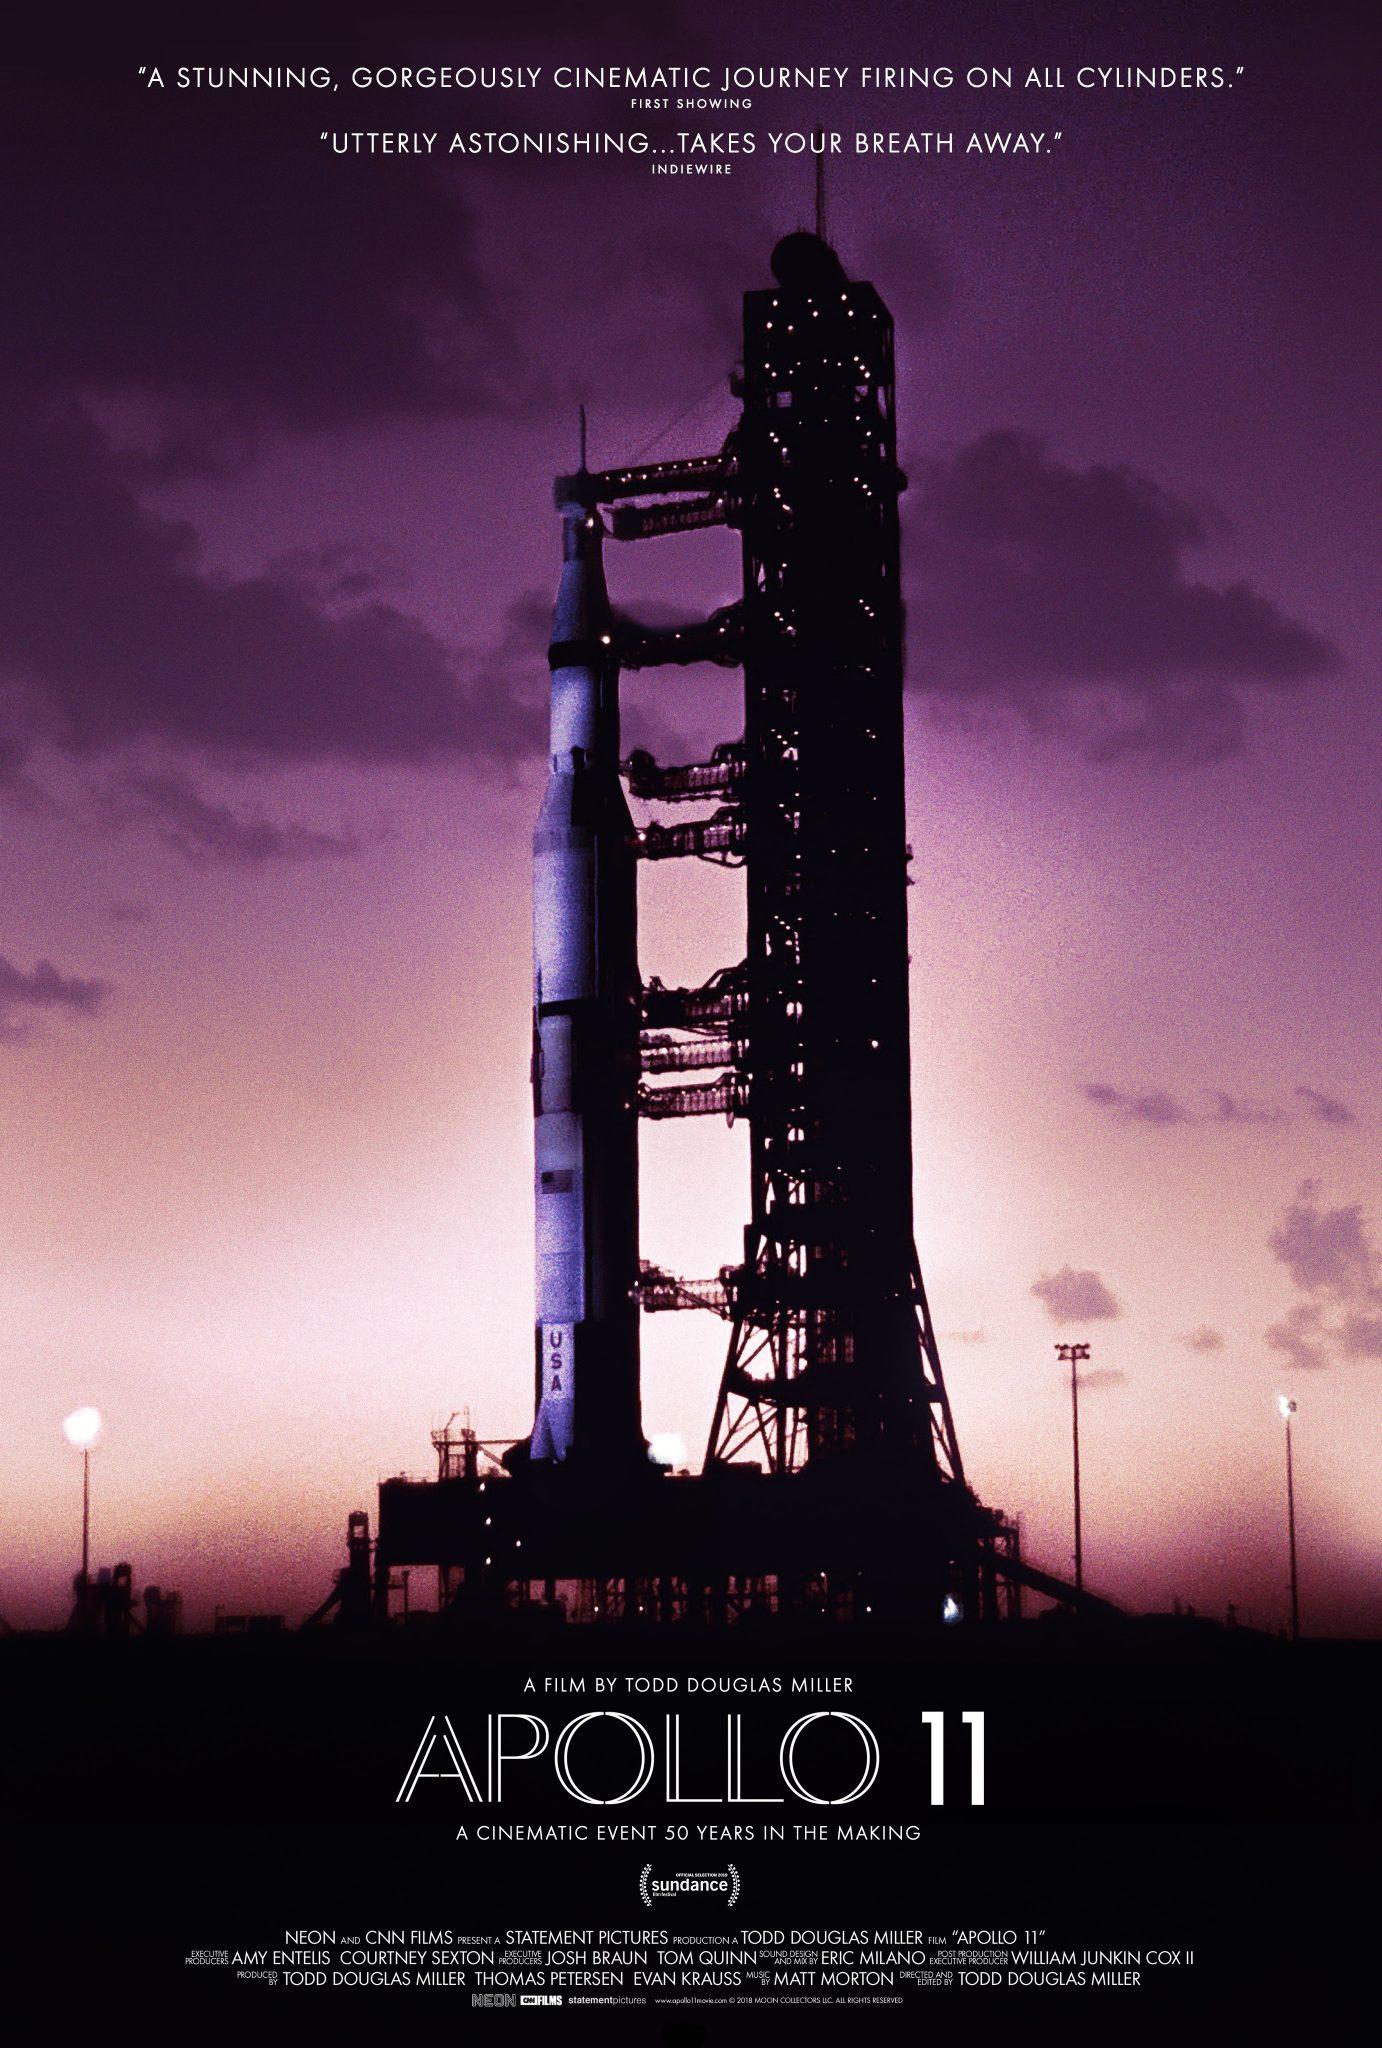 Apollo 11 poster #apollo11 #flyby